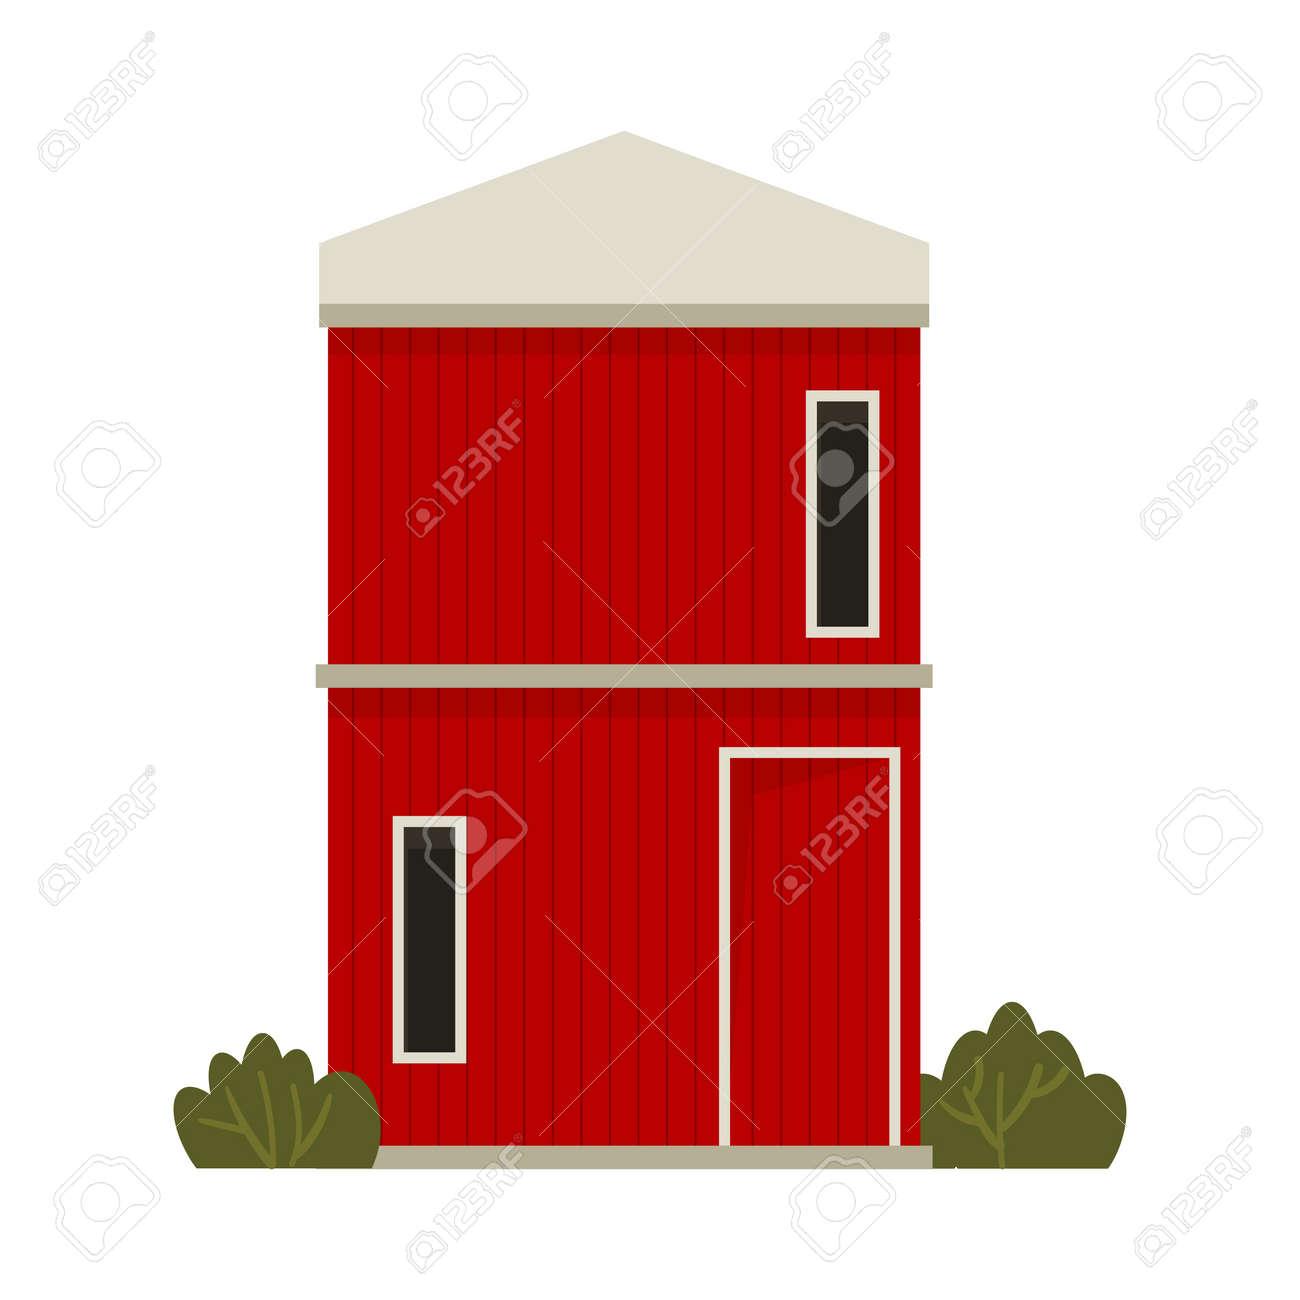 Red barn house Farm. Autumn hay harvest. - 172370091